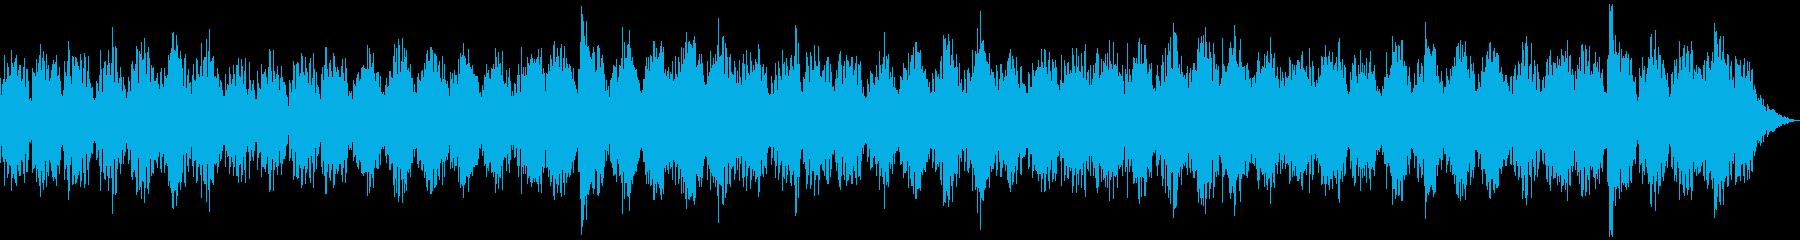 瞑想やヨガ、睡眠誘導のための音楽 02bの再生済みの波形